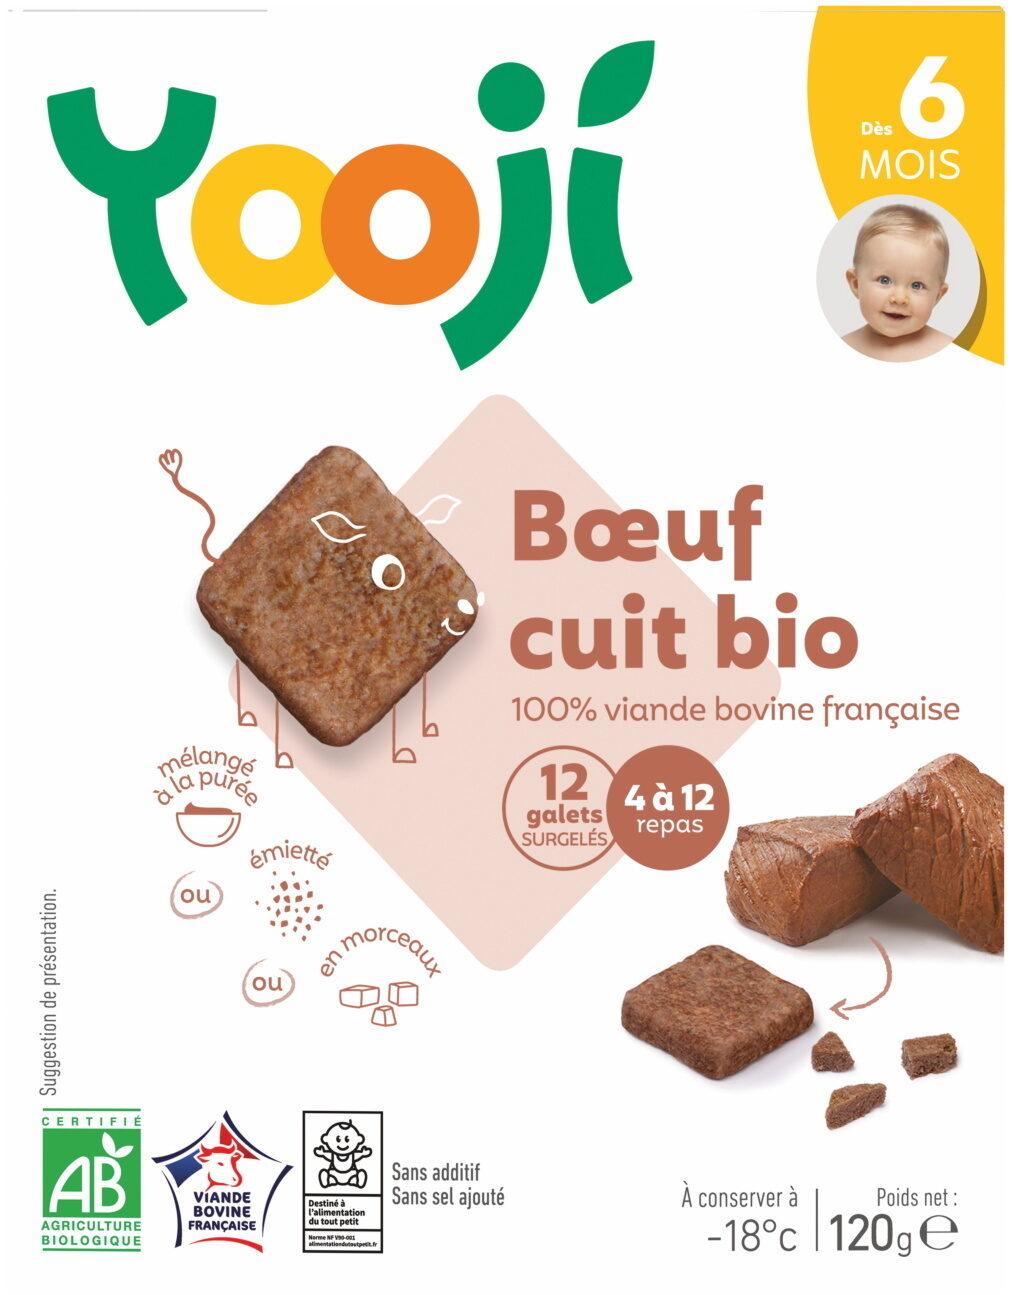 Hachés de boeuf bio cuit et surgelé pour bébé dès 6 mois - Produit